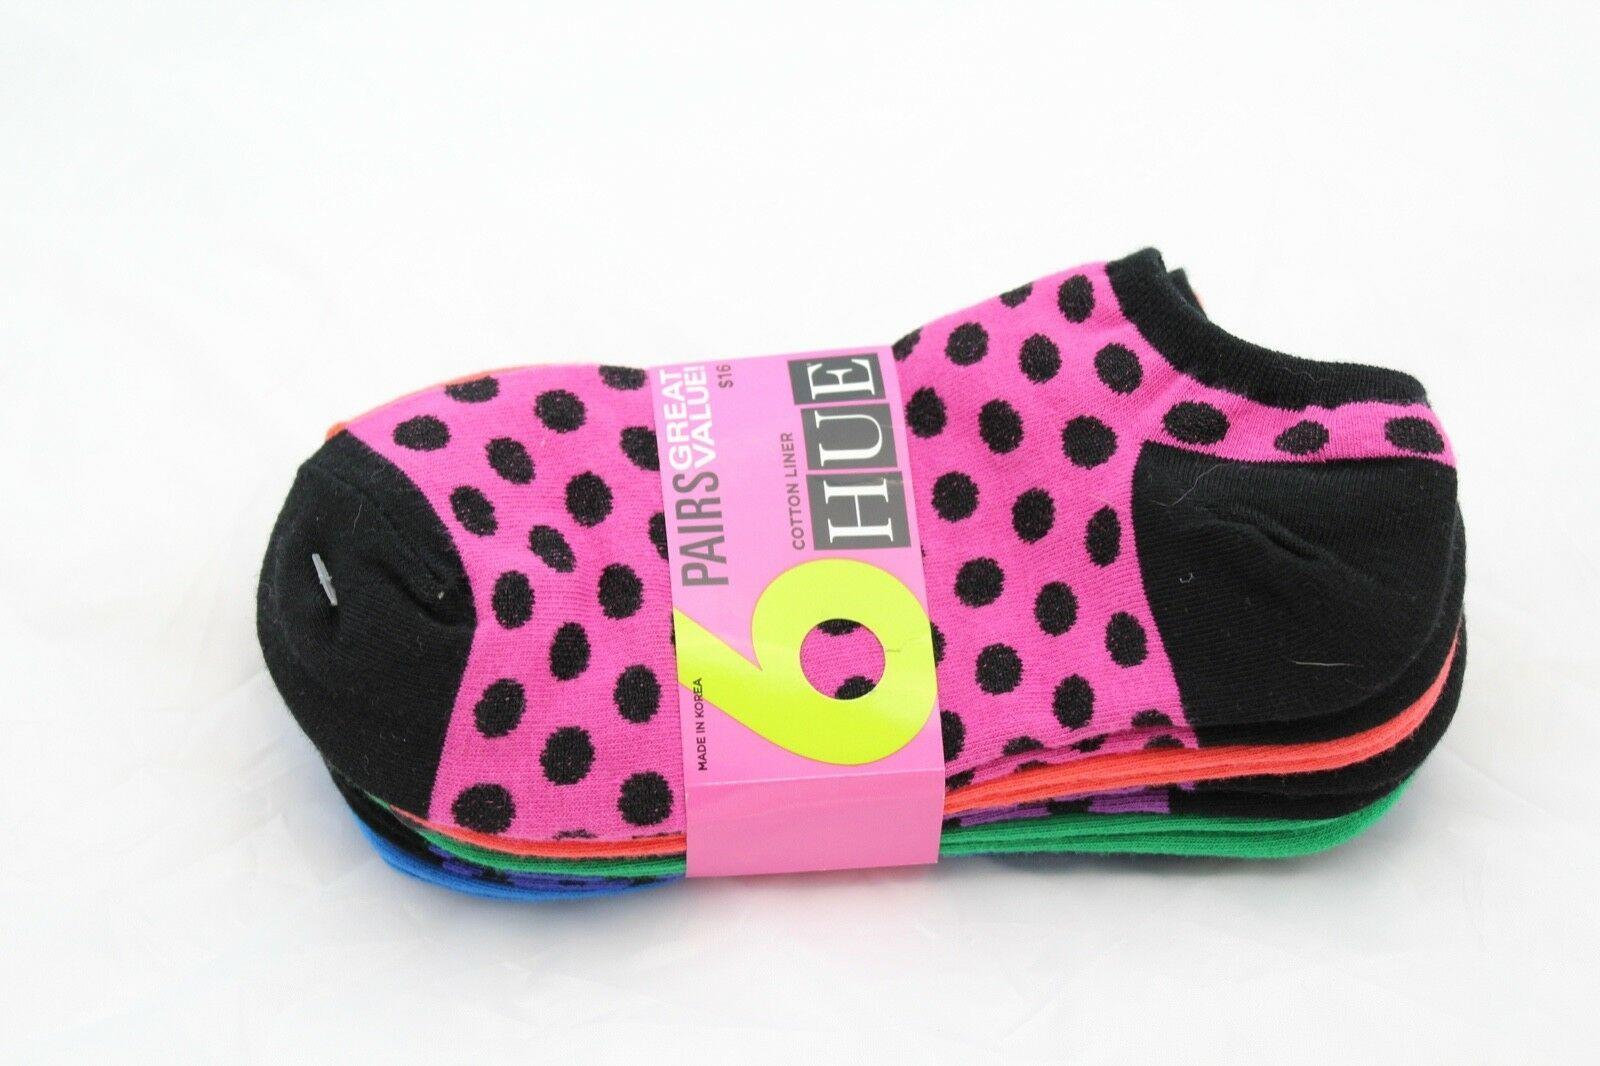 HUE 6-pairs Cotton Liner Socks Fusion Pink Dots